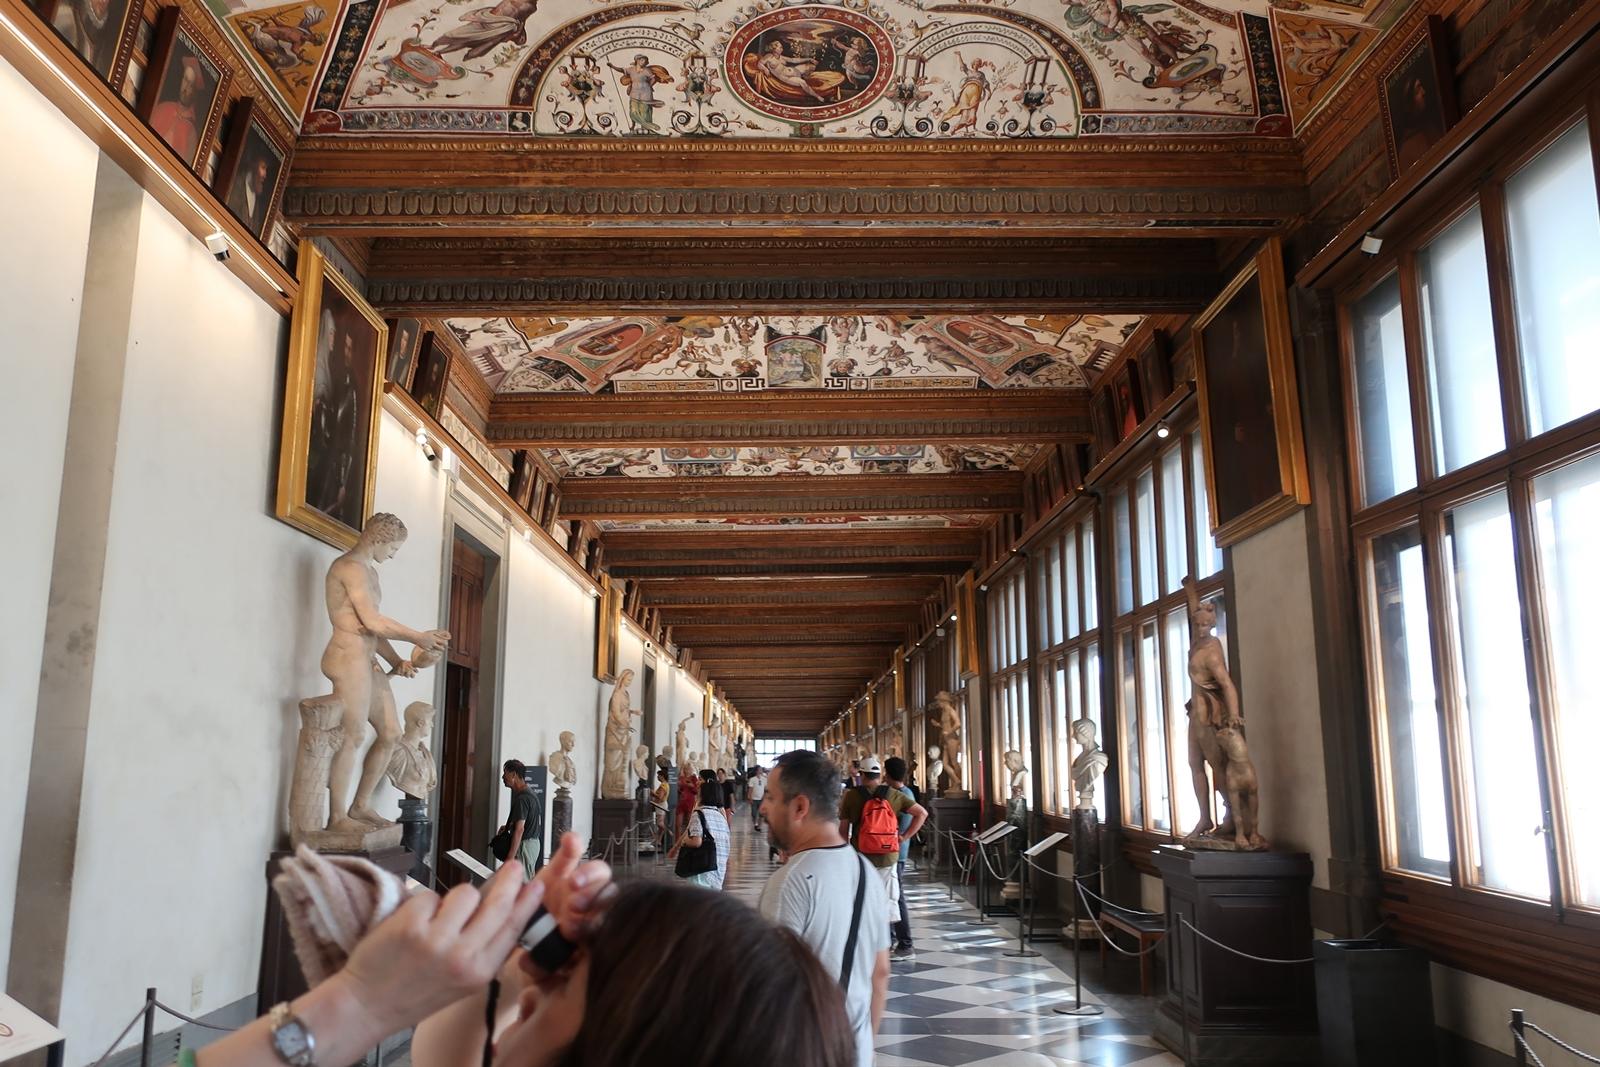 IMG_1629s(Uffizi_story).jpg